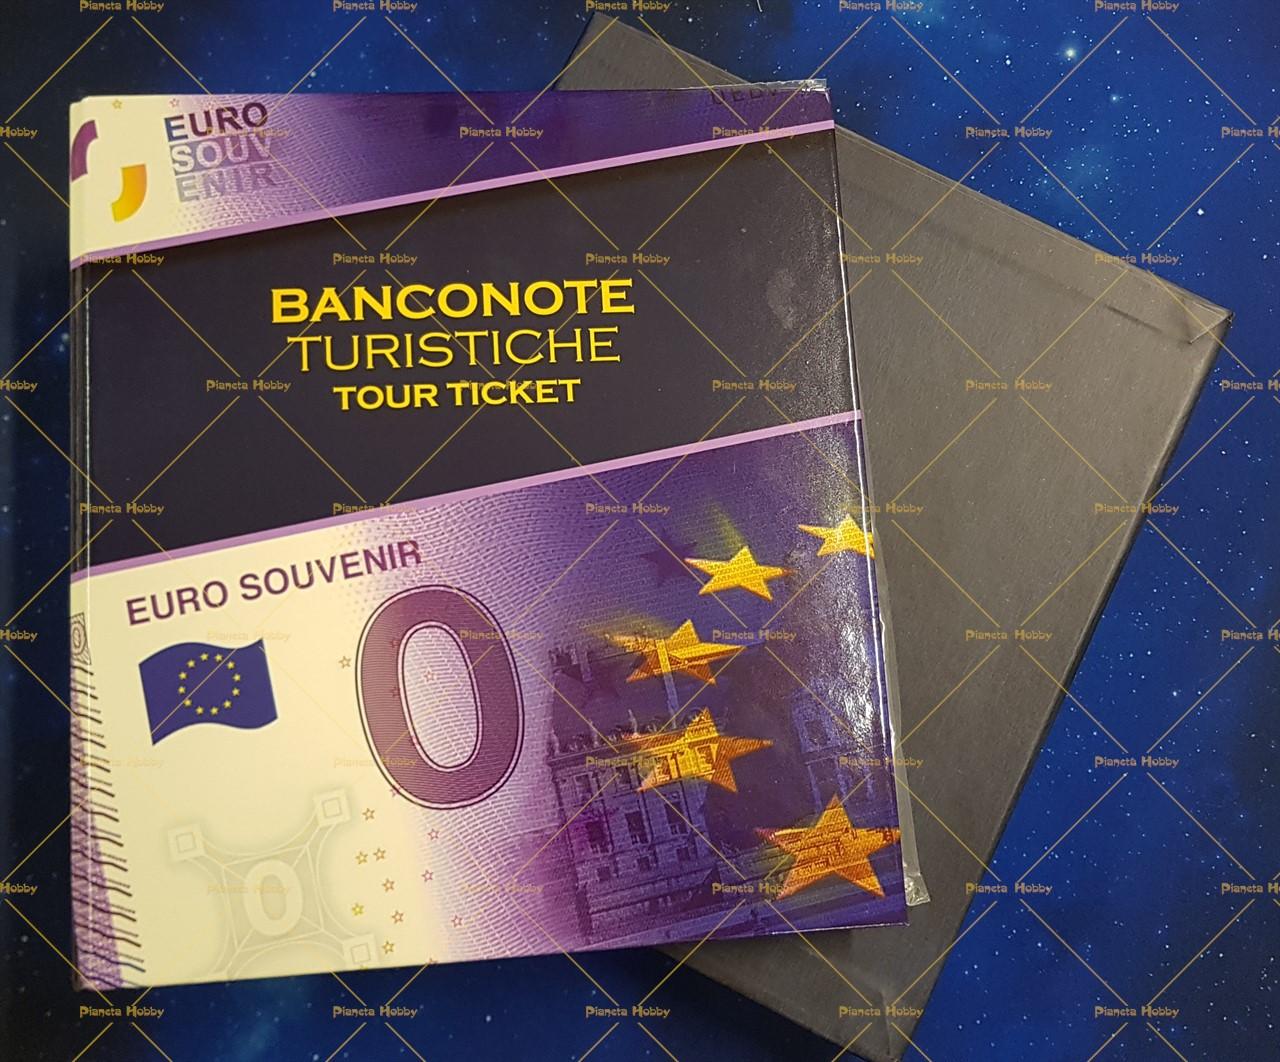 ef3cf05797 Raccoglitore Euro Collection - Banconote Turistiche Tour Ticket Completo